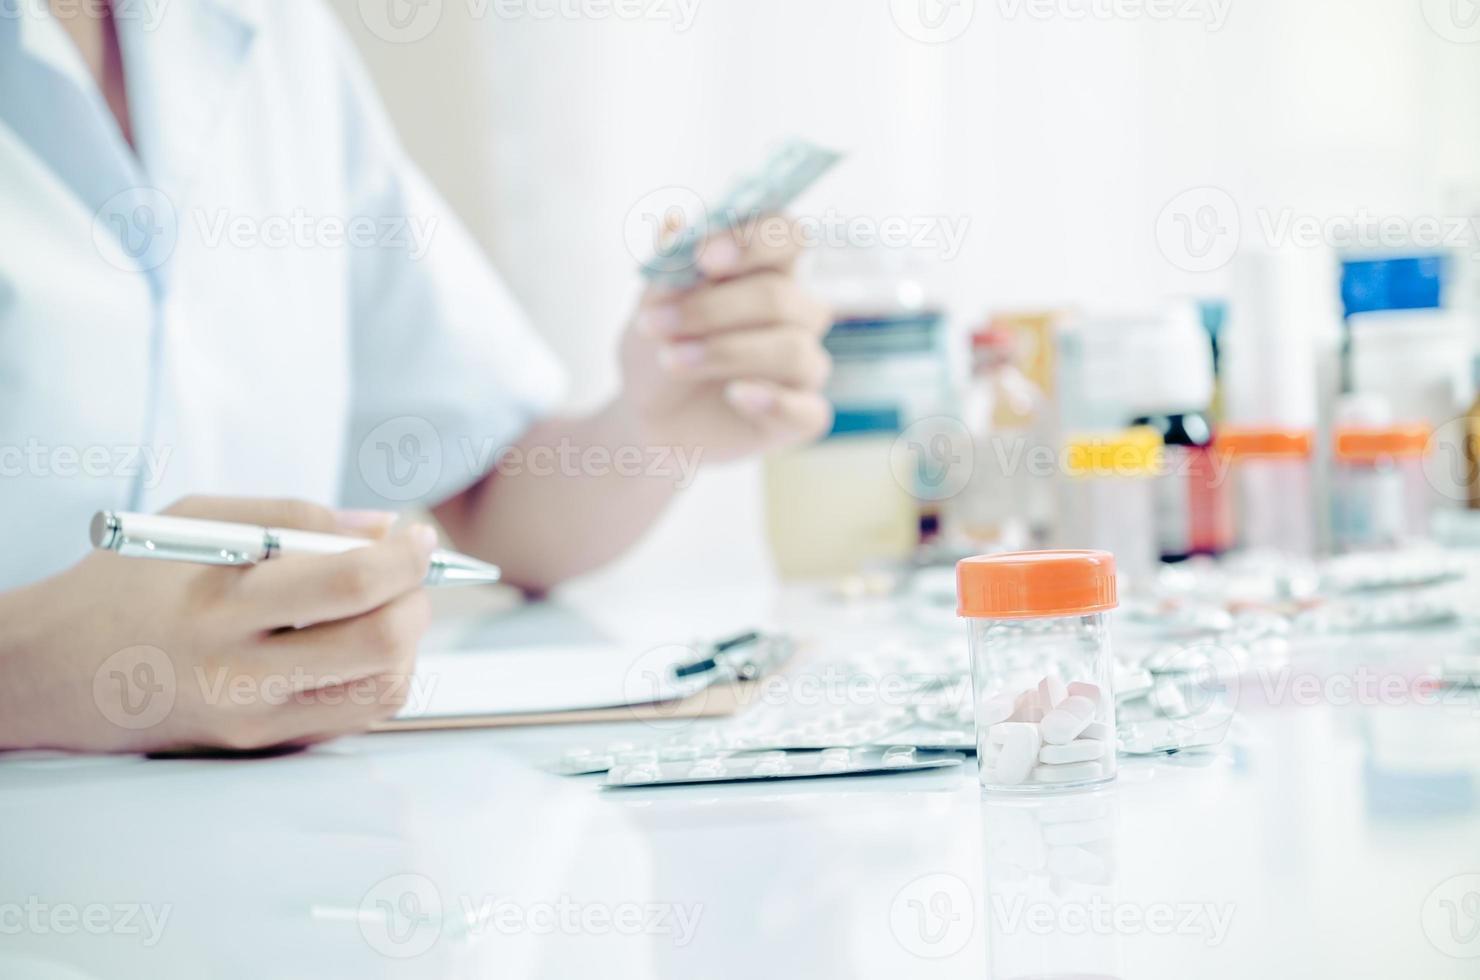 negozio farmaceutico foto